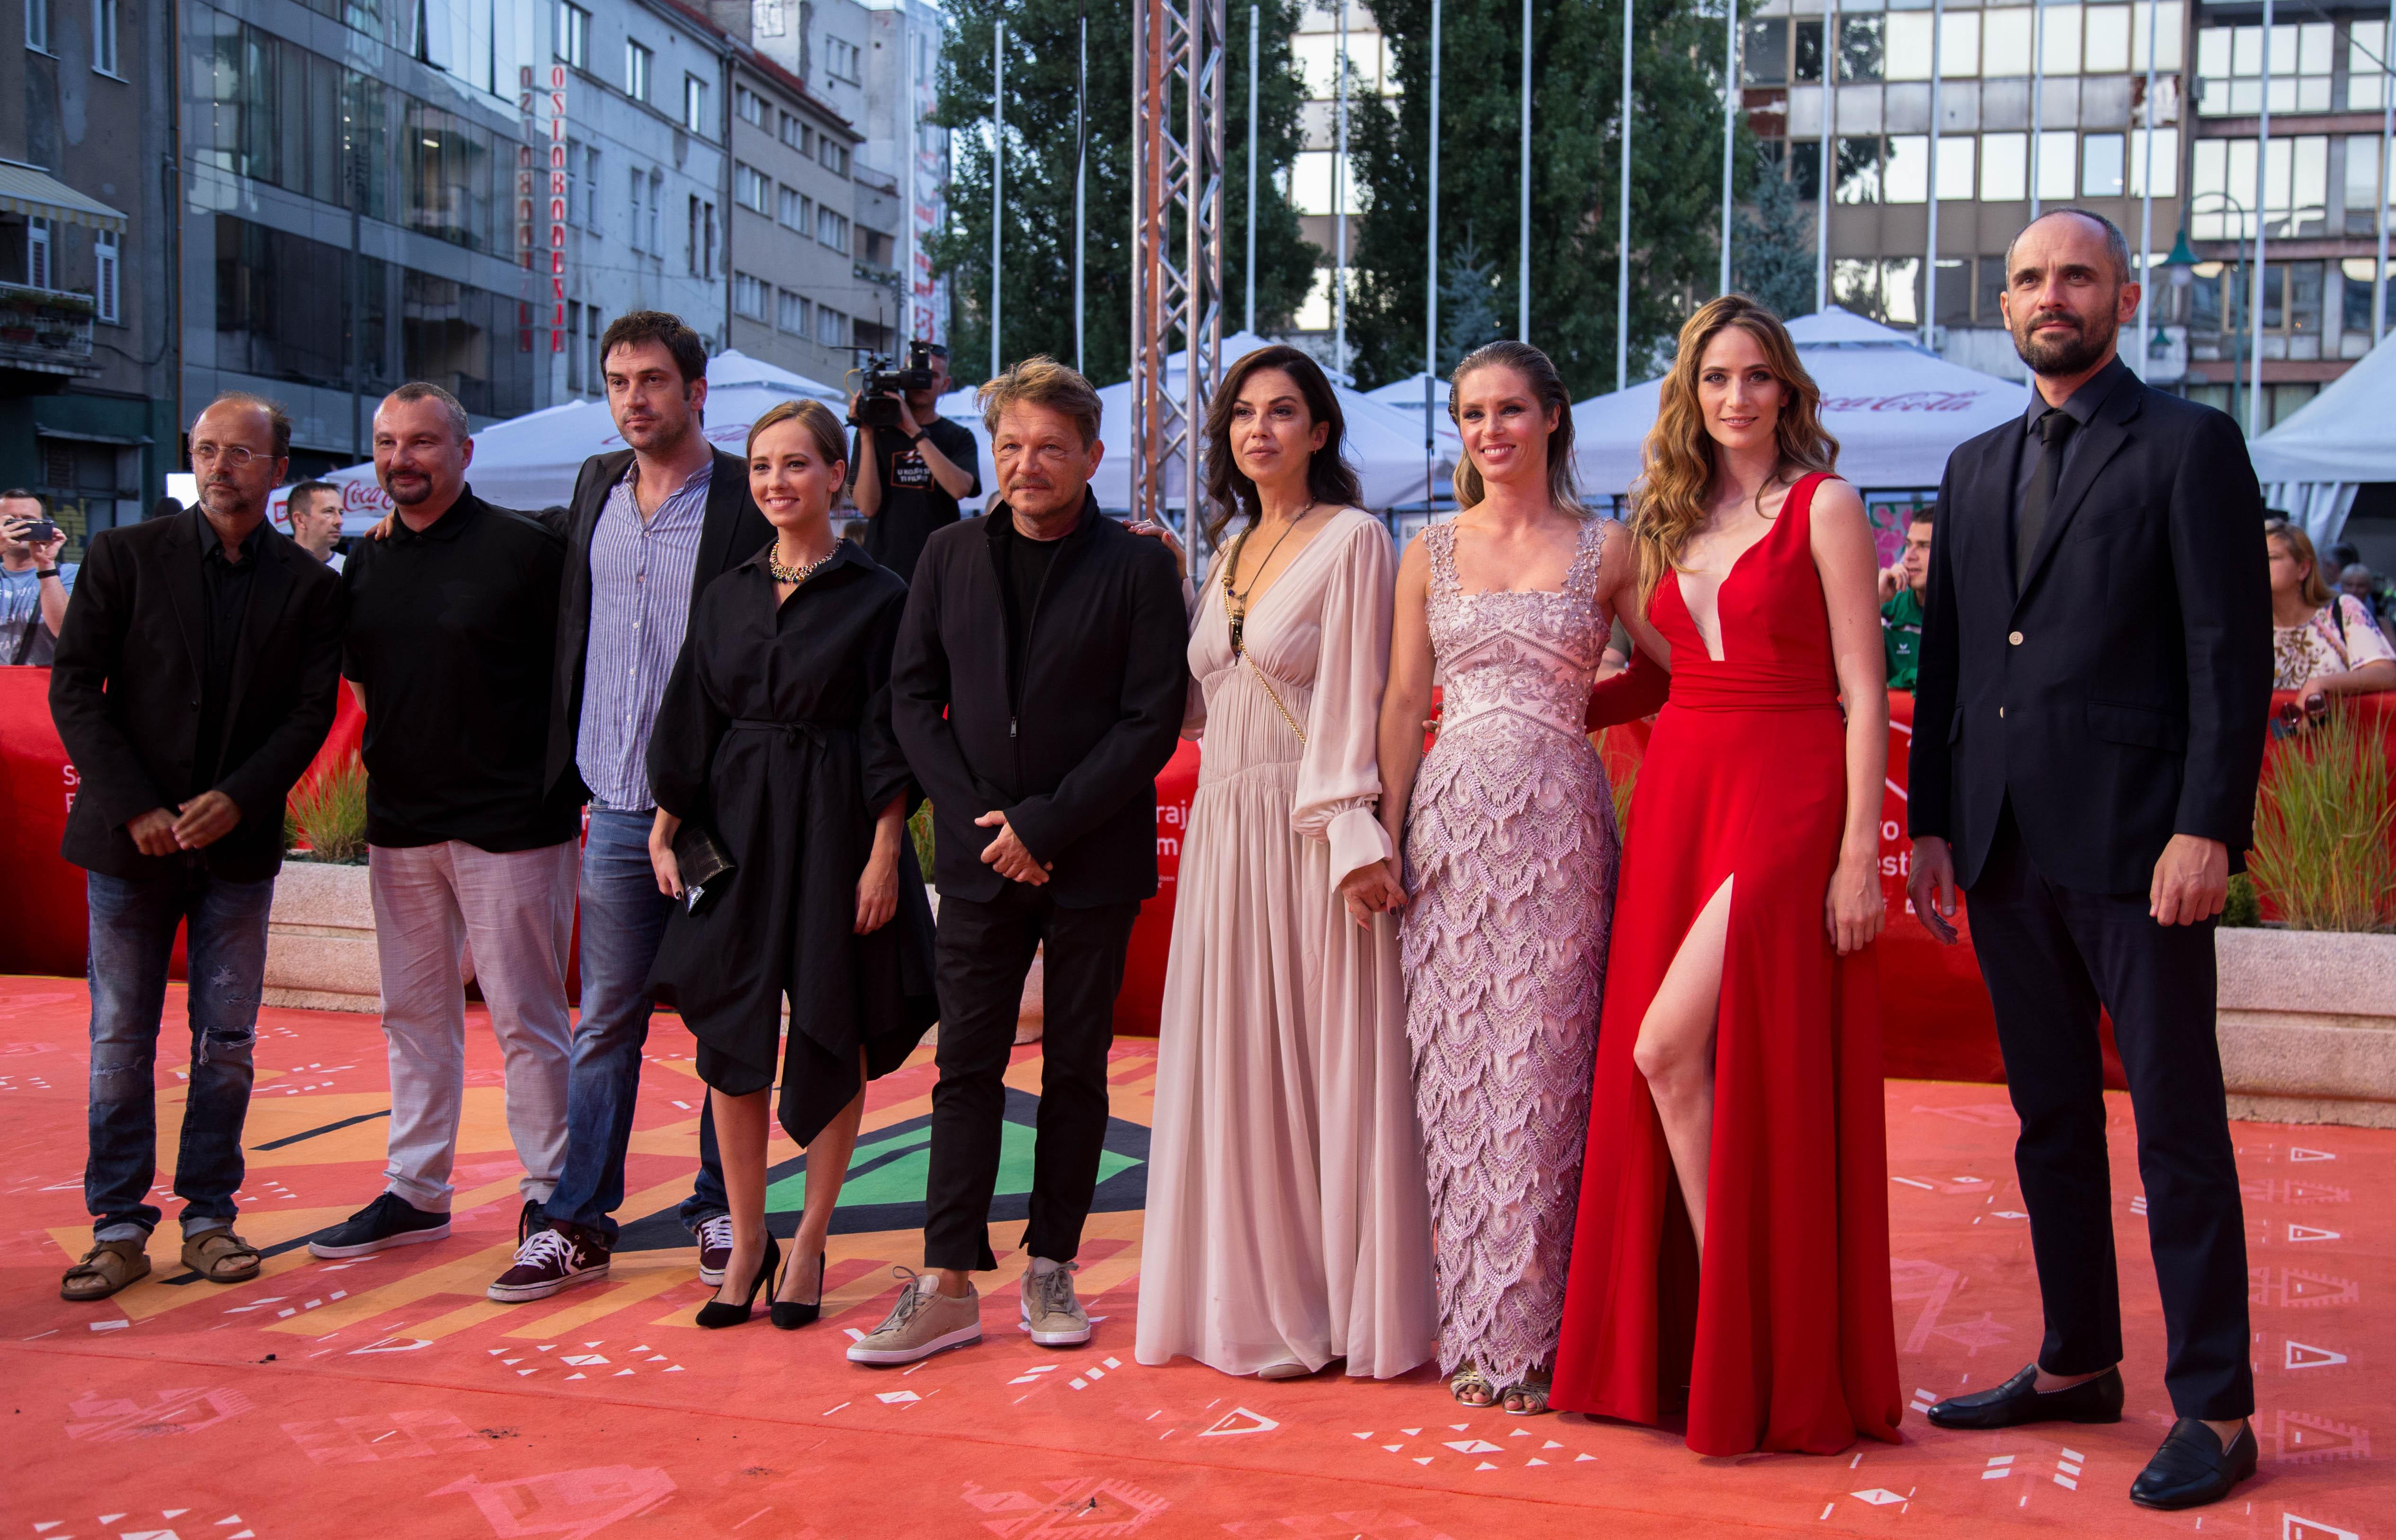 cetvrta noc sarajevo film festival senka catic (2)